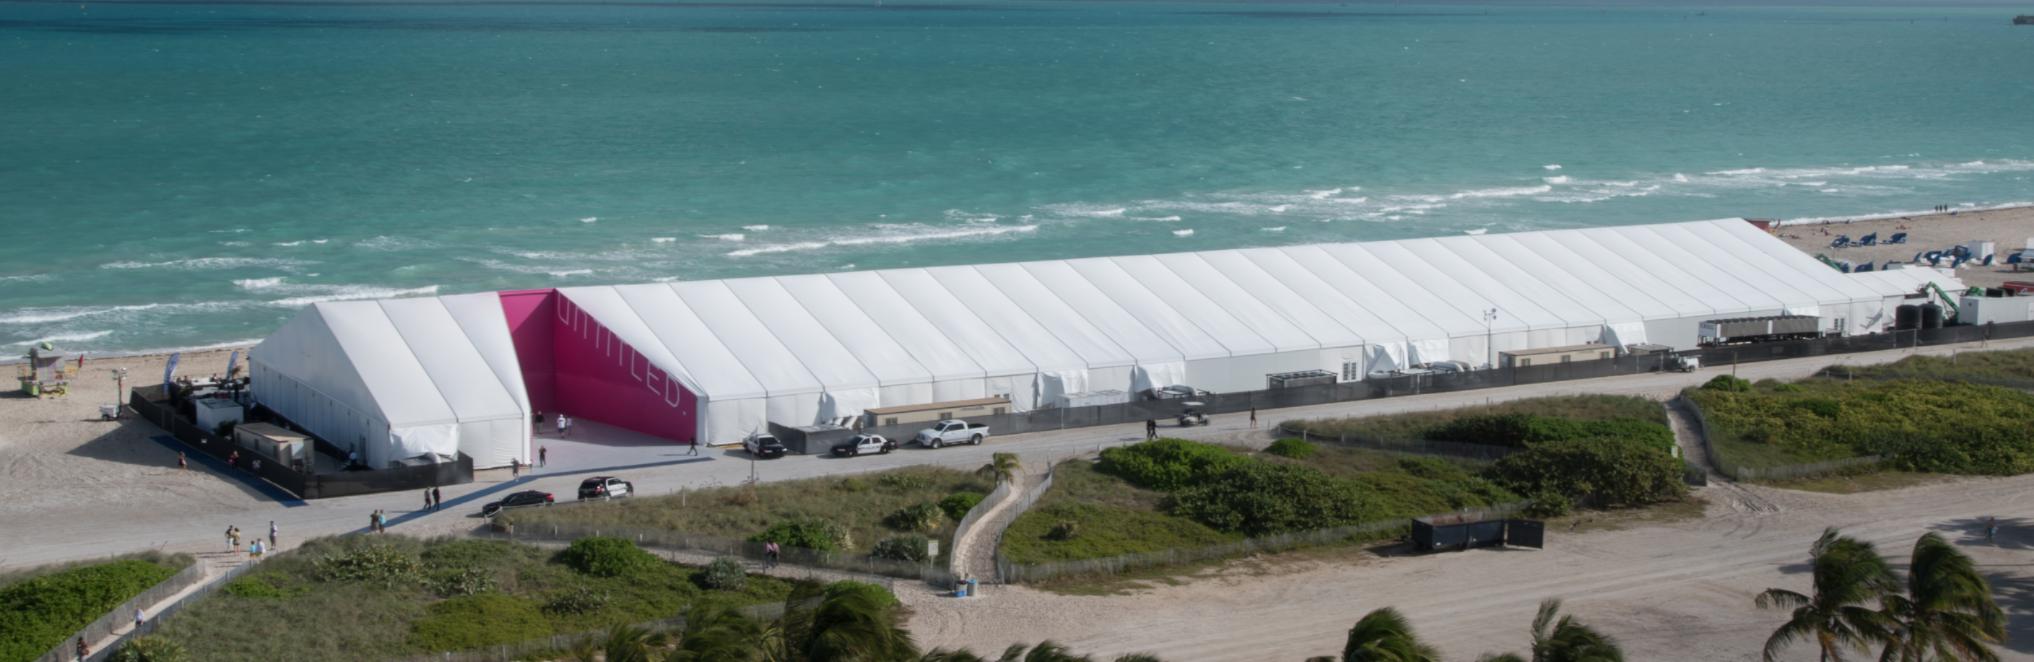 Non Profit Organizations Miami Beach